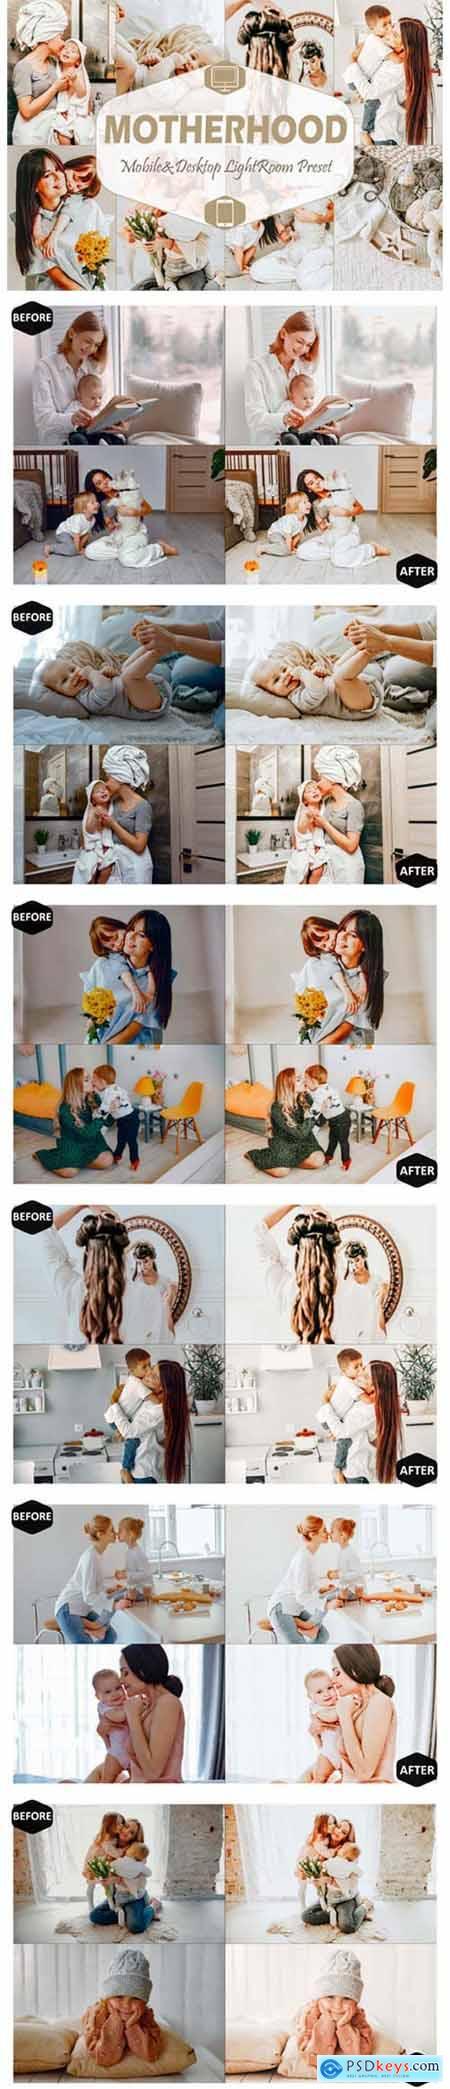 10 Motherhood Mobile Lightroom Presets 5916604